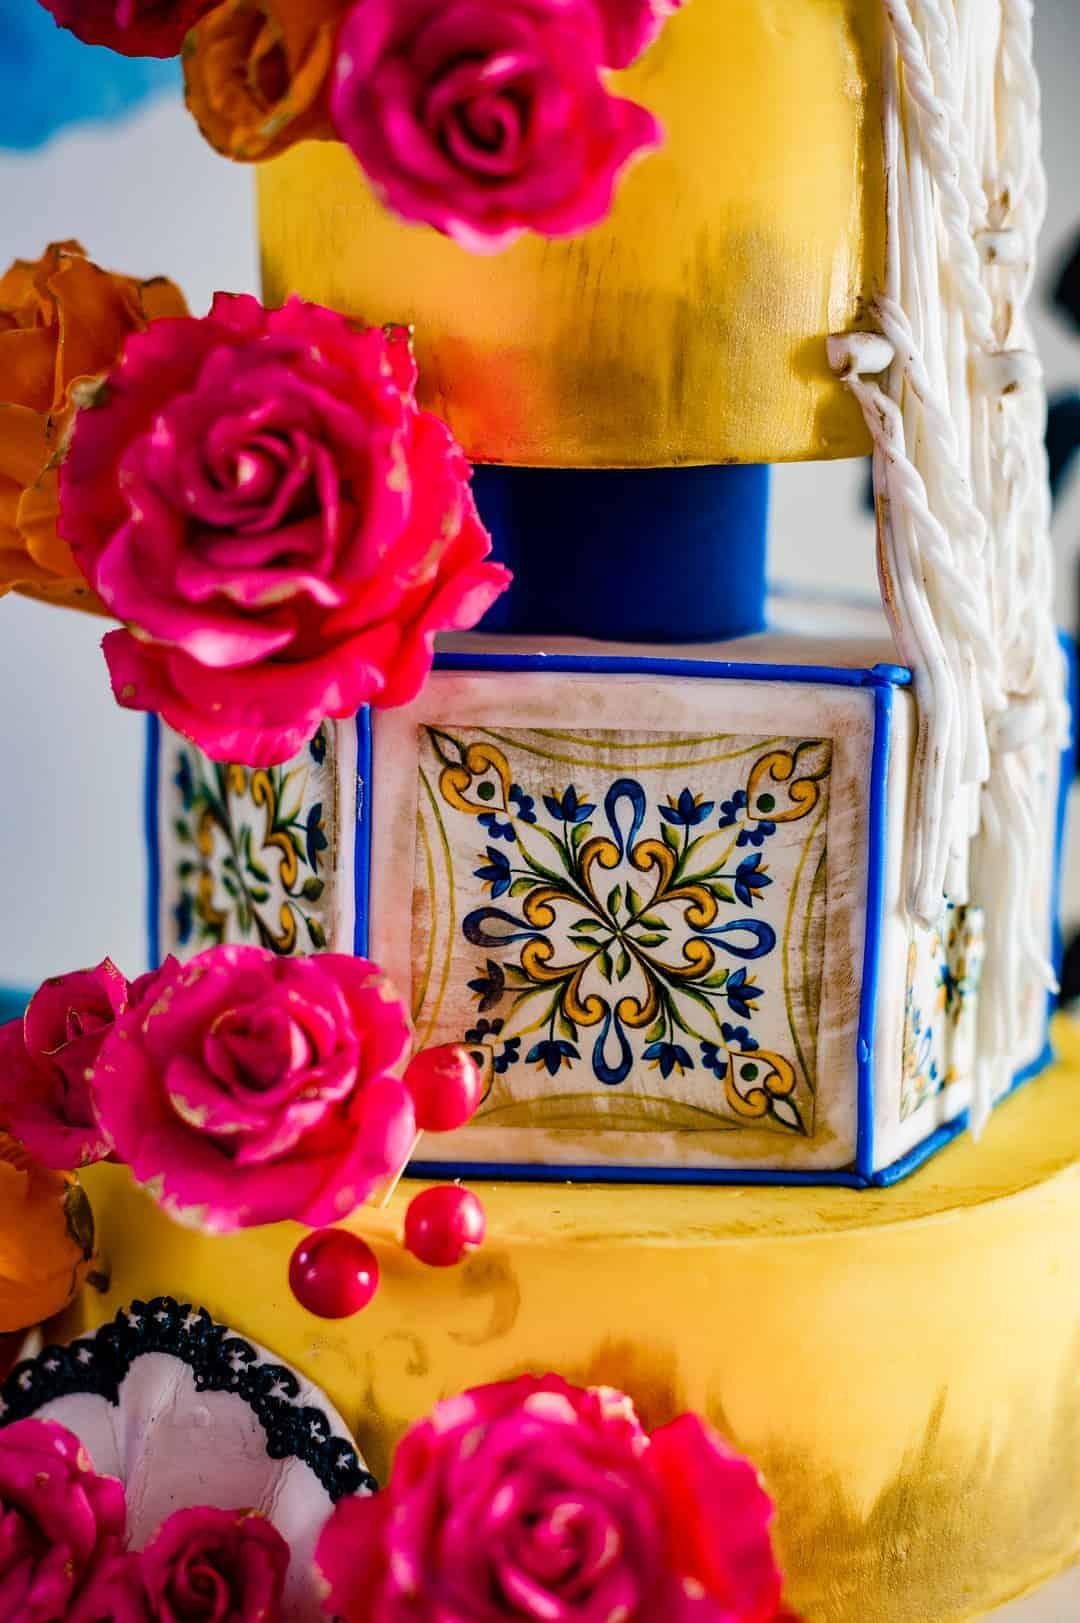 BEAUTIFUL WEDDING INSPIRATION FOR COUPLES WHO WANT TO CELEBRATE THEIR SPANISH CULTURE 4 - Ý TƯỞNG ĐÁM CƯỚI CHỦ ĐỀ TÂY BAN NHA |  Bespoke-Bride: Wedding Blog